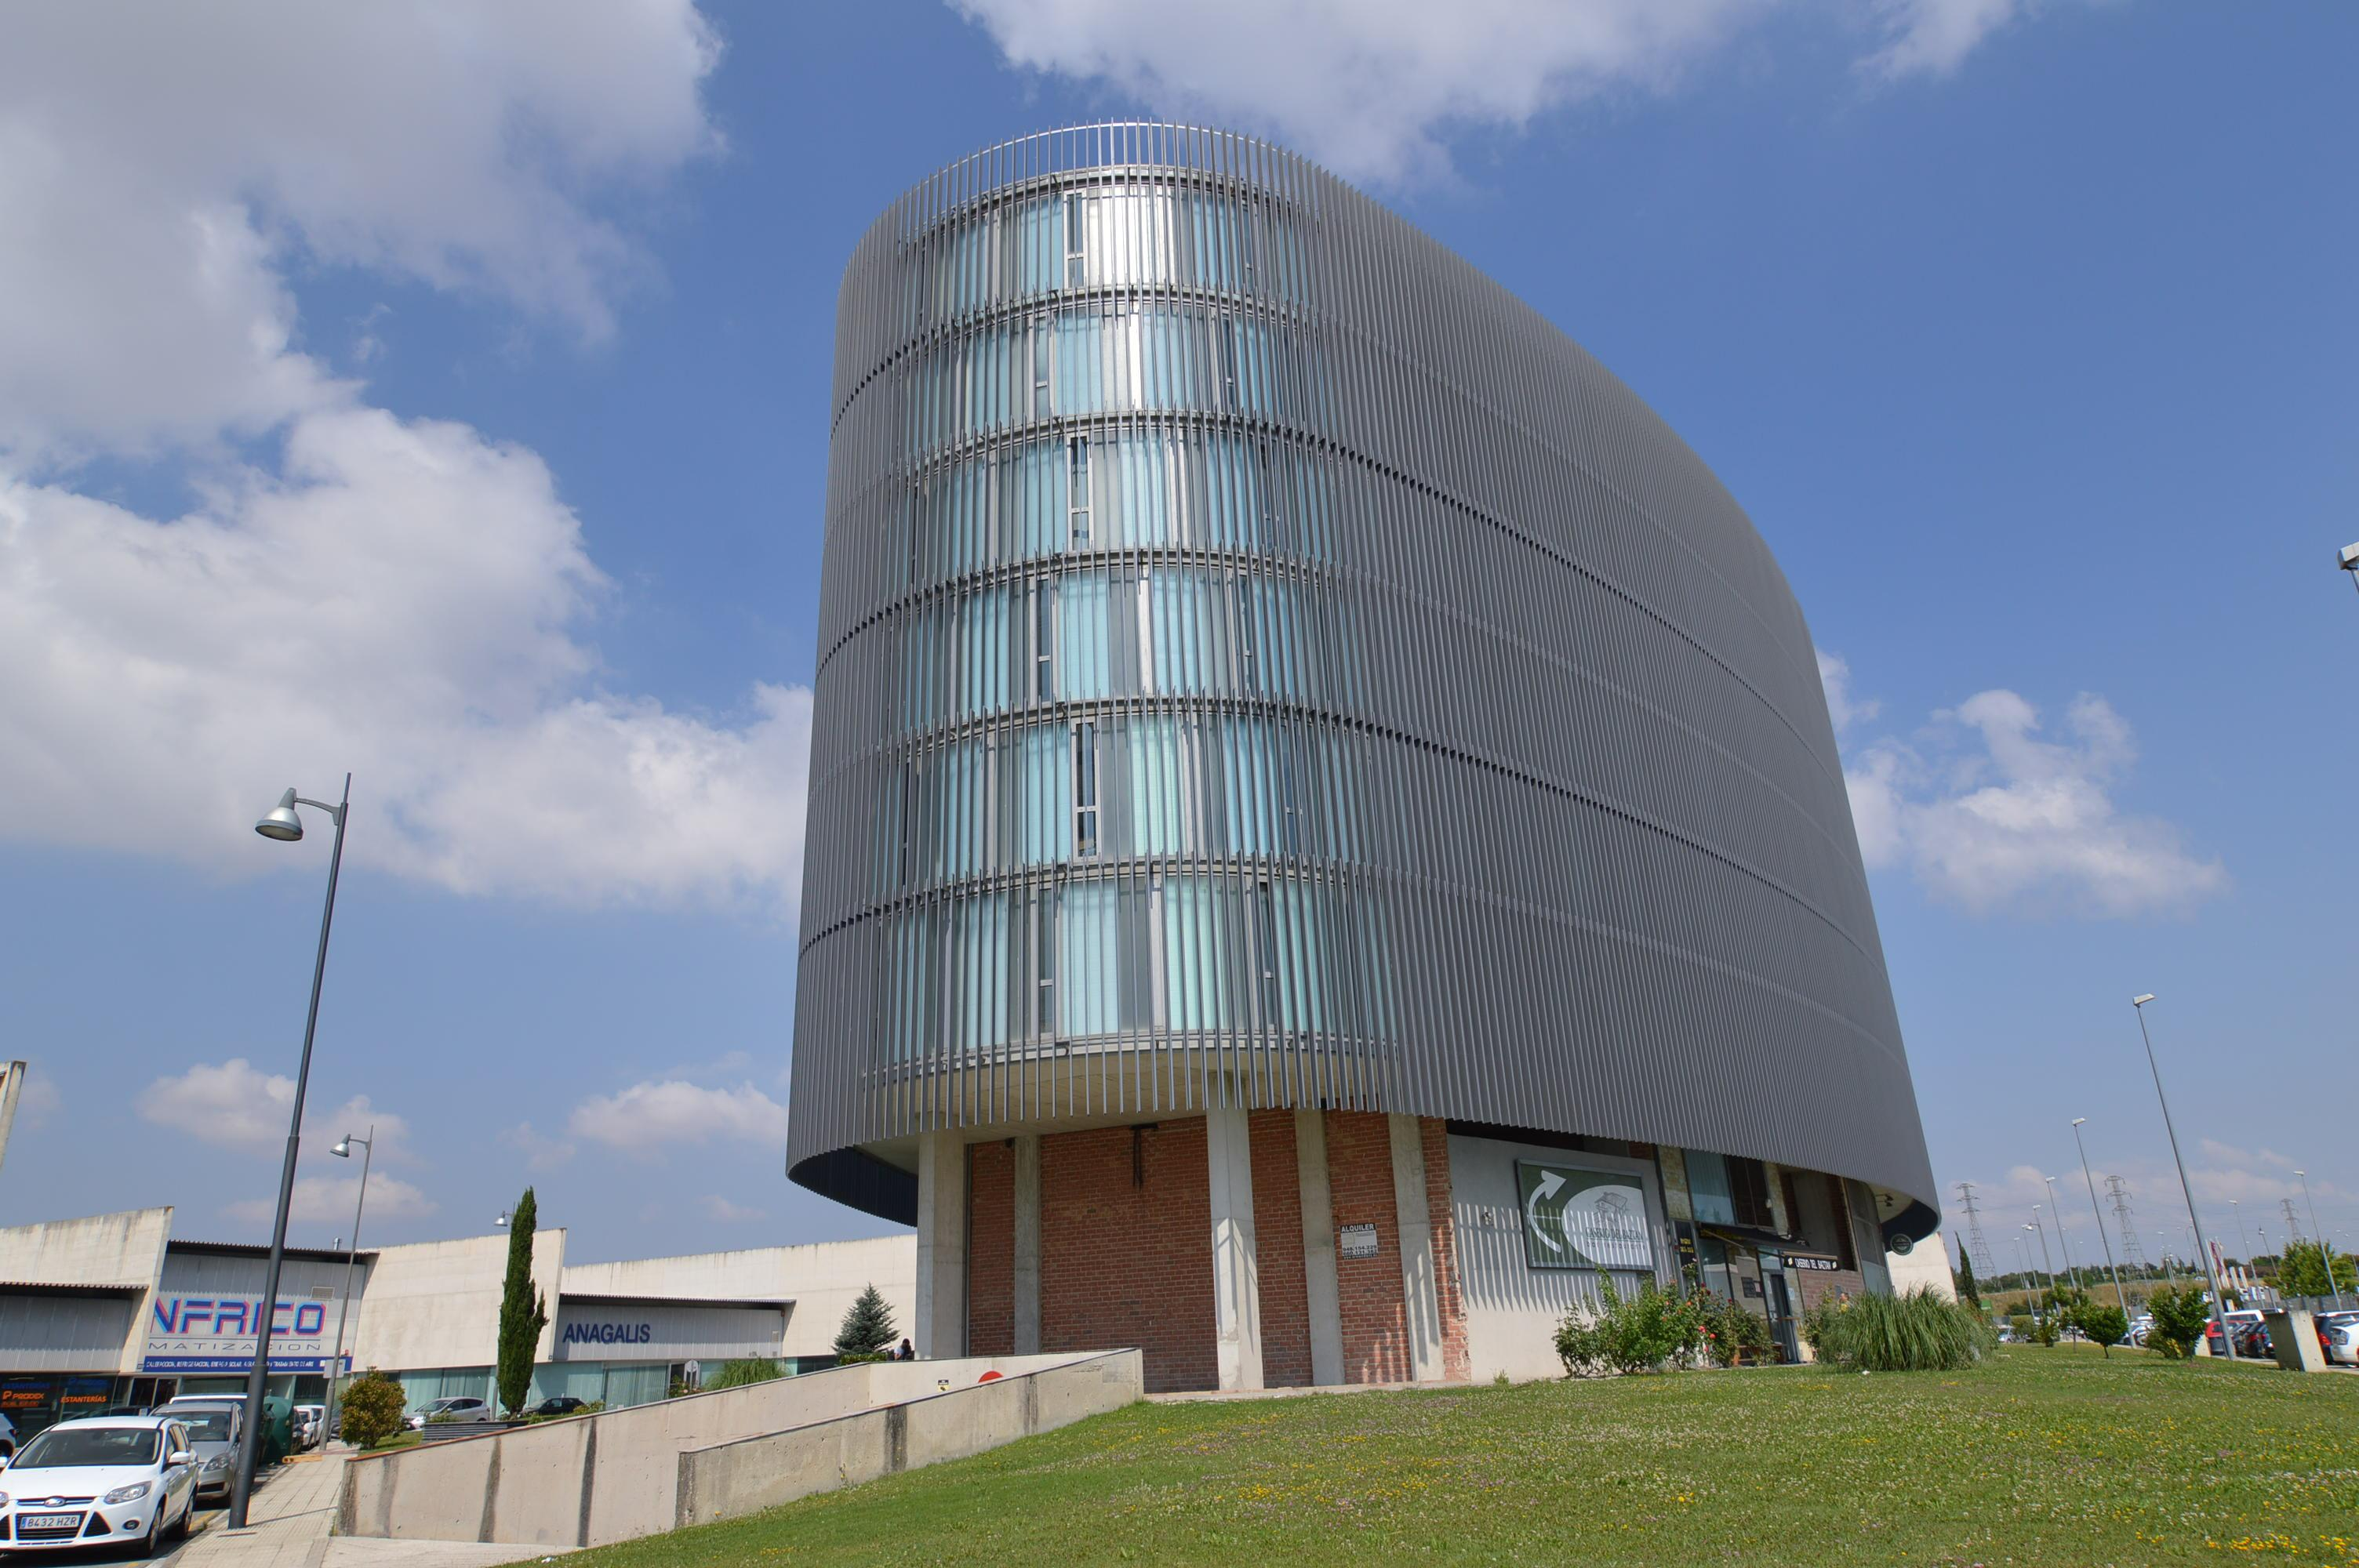 Oficina en alquiler en Aranguren, Navarra, Calle Berroa, 21.000 €, 50 m2